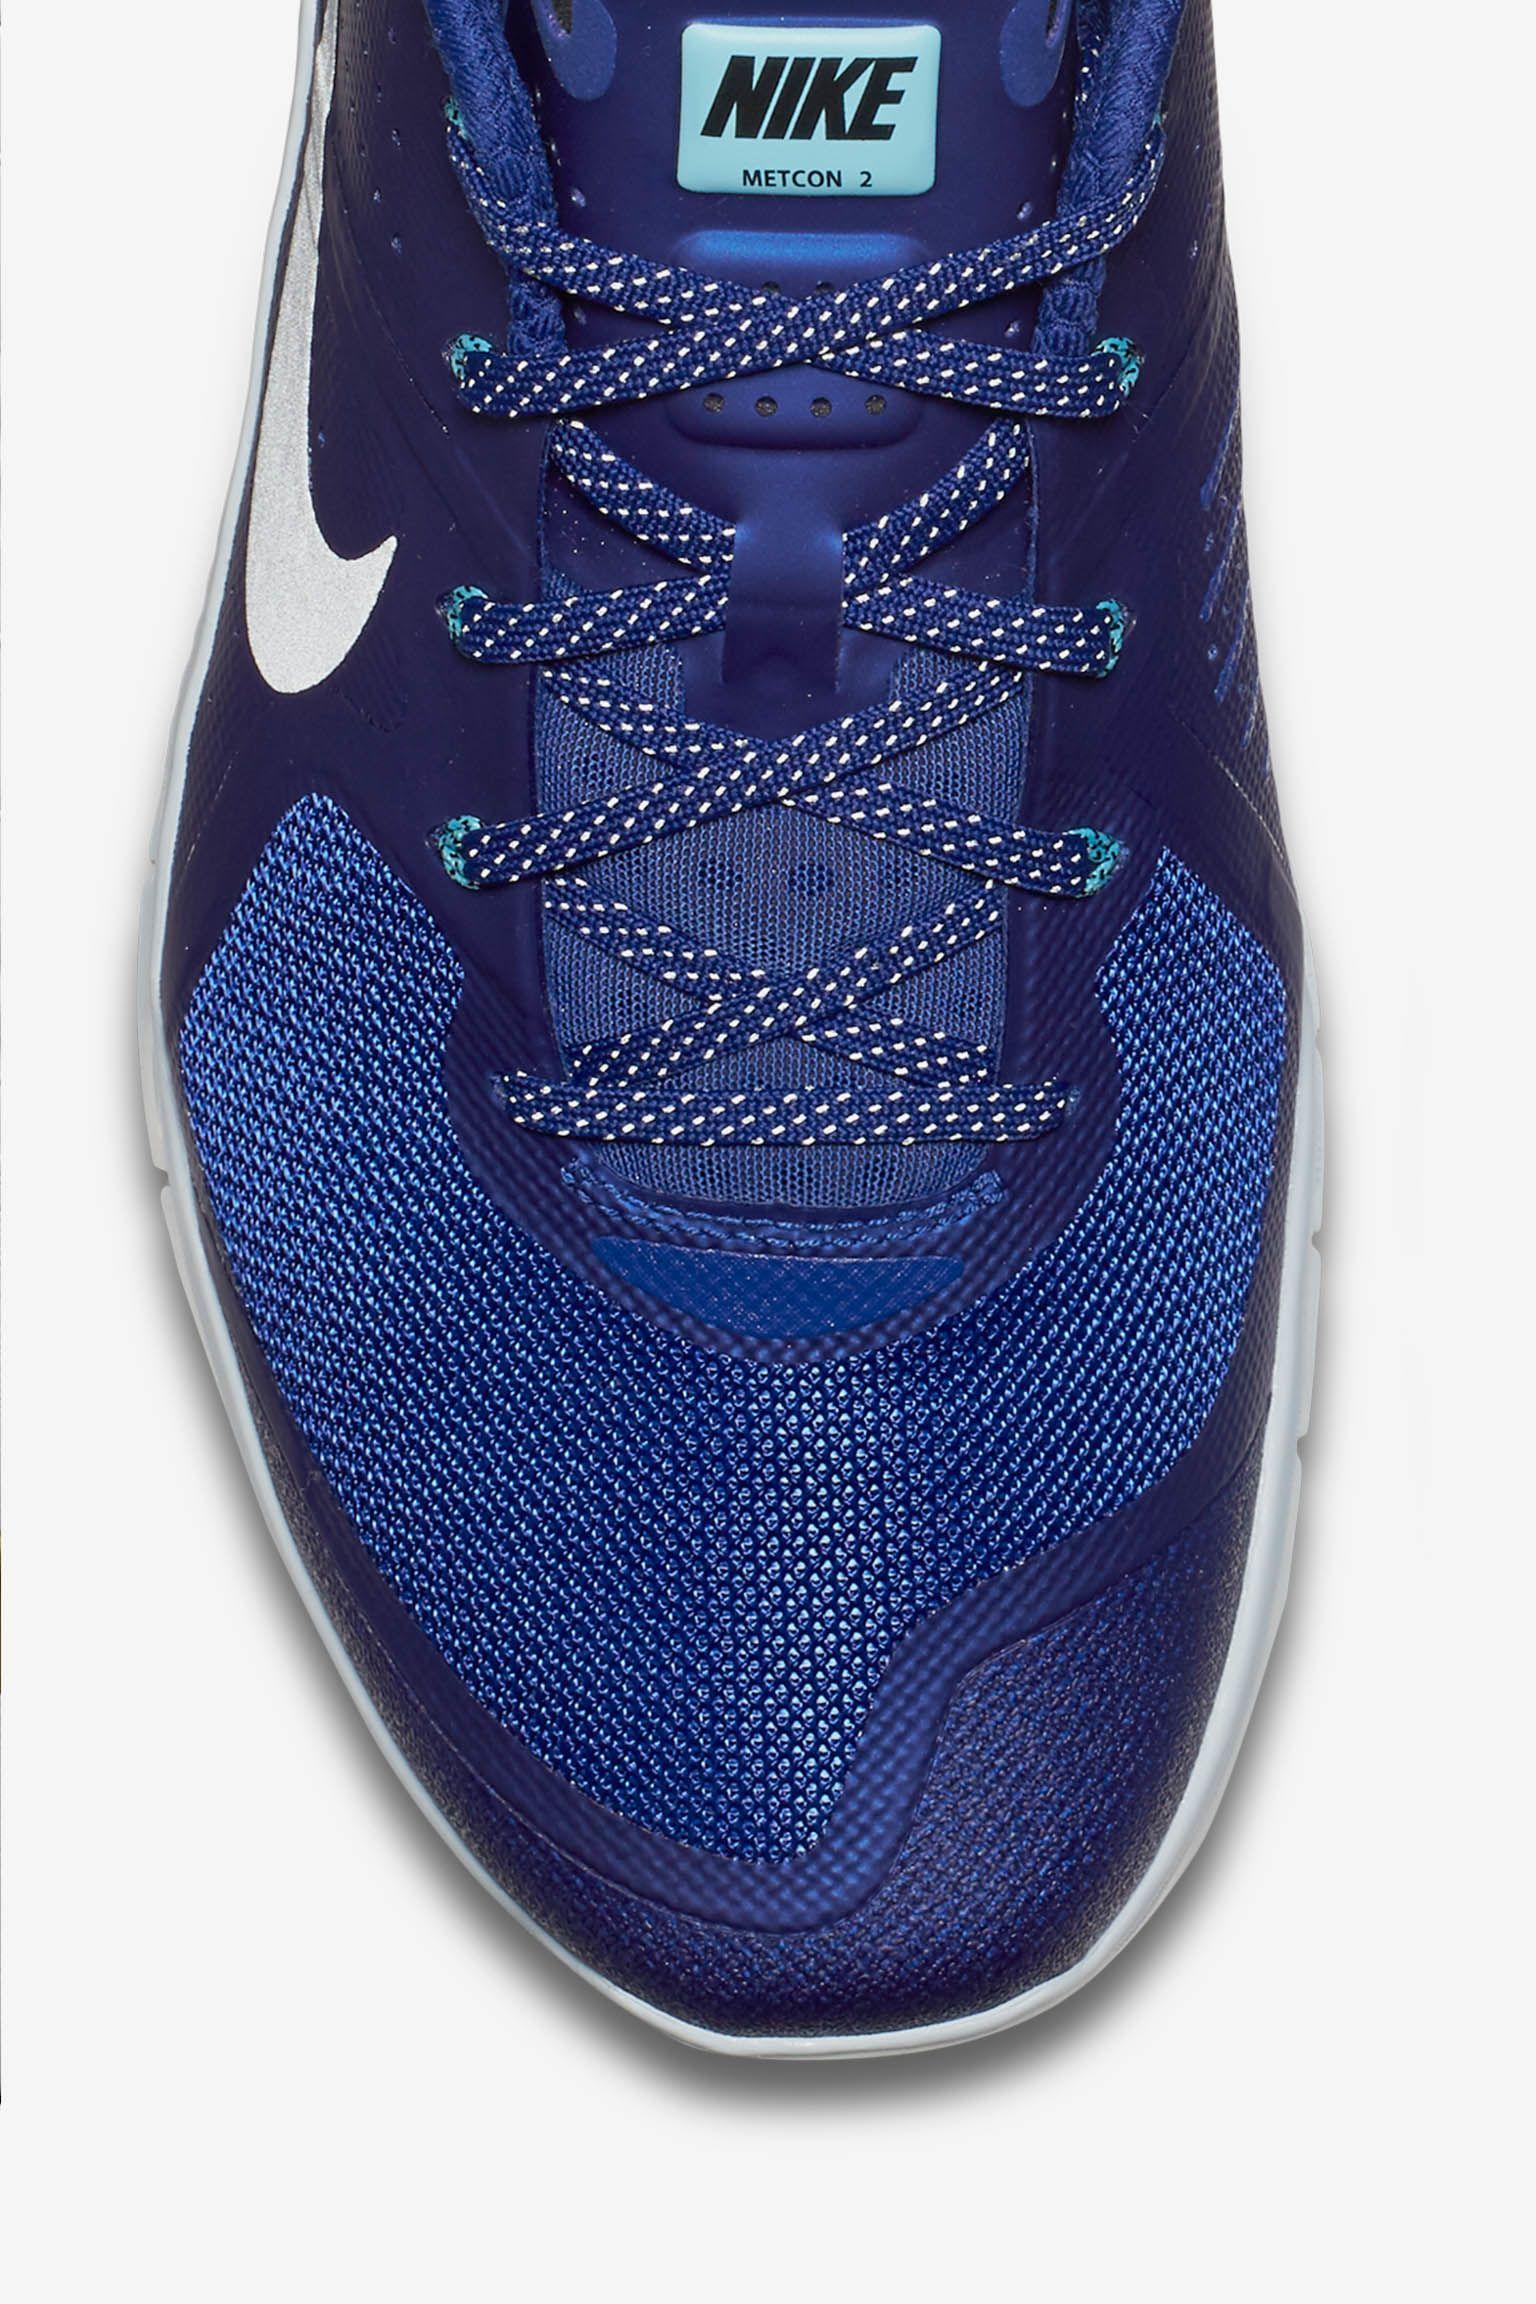 Nike Metcon 2 'Blue Monday'